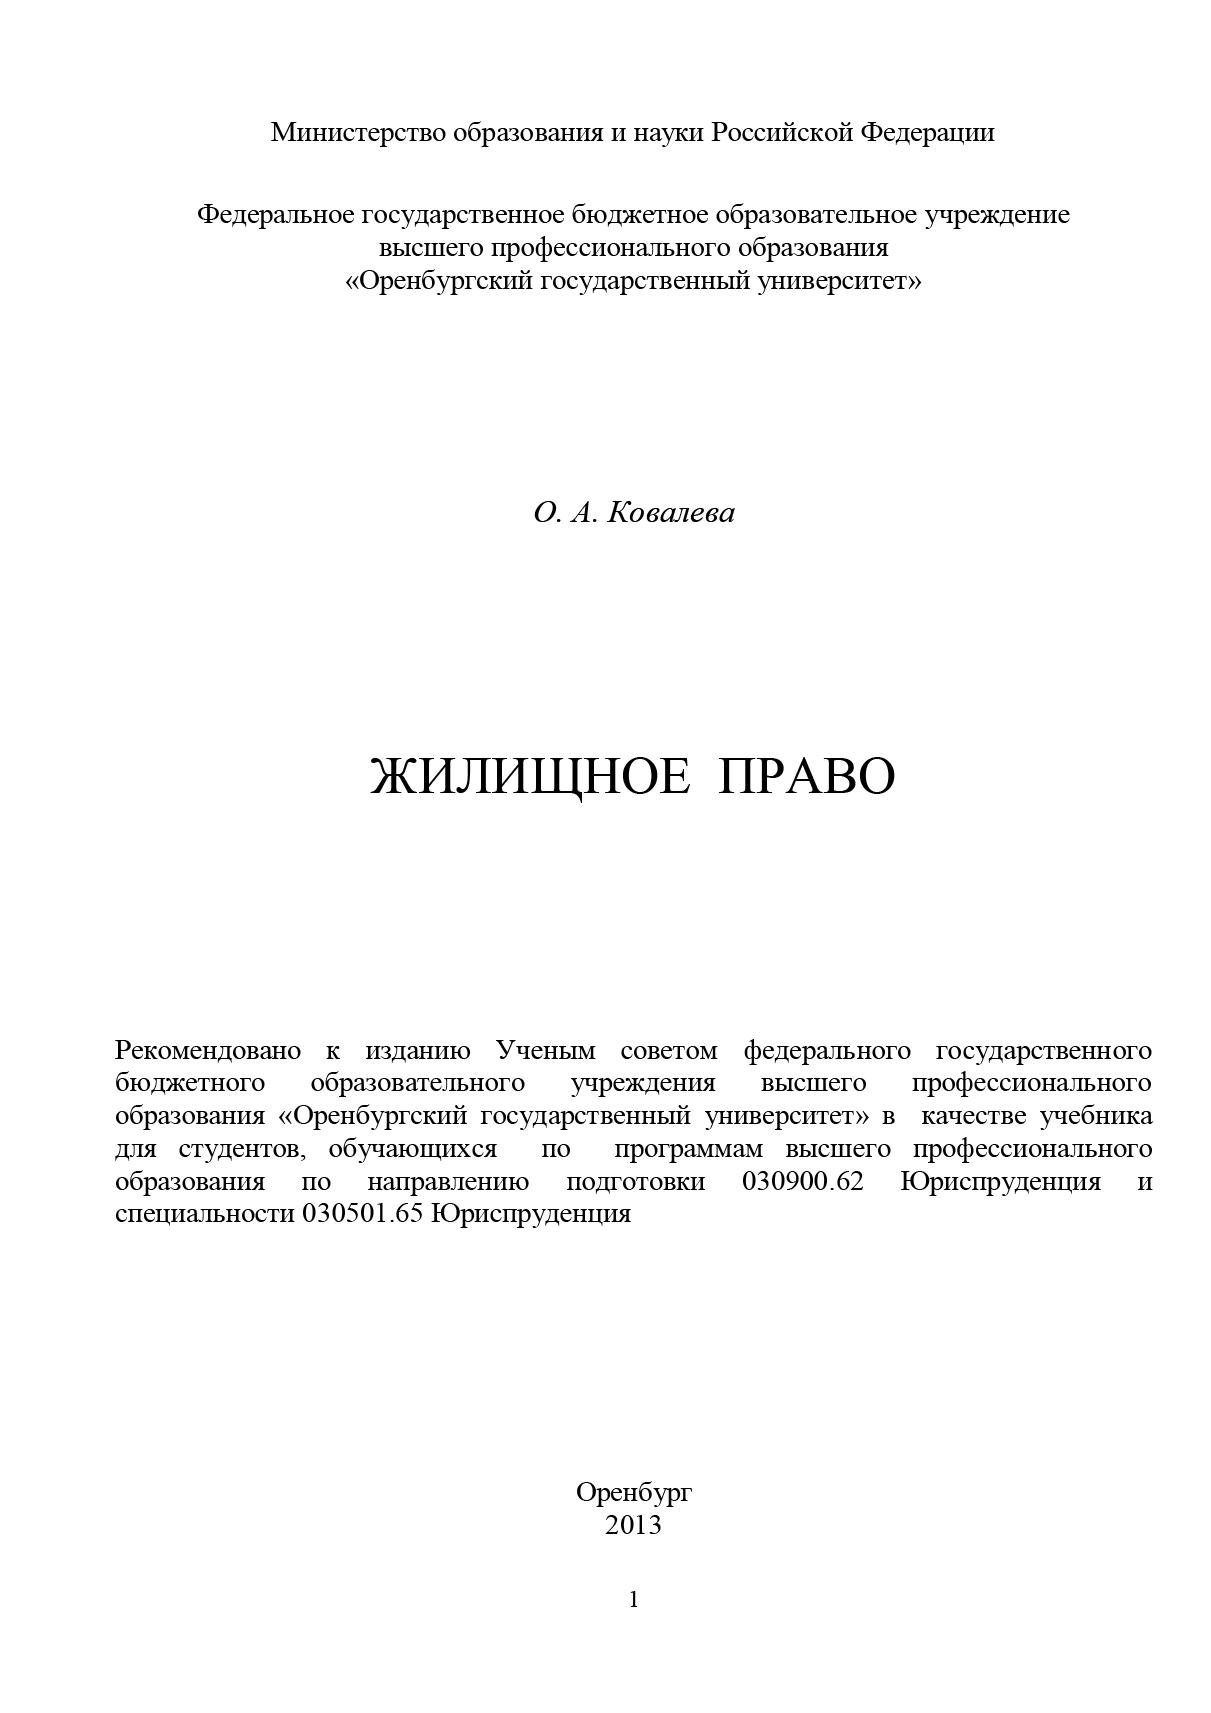 О. А. Ковалева Жилищное право